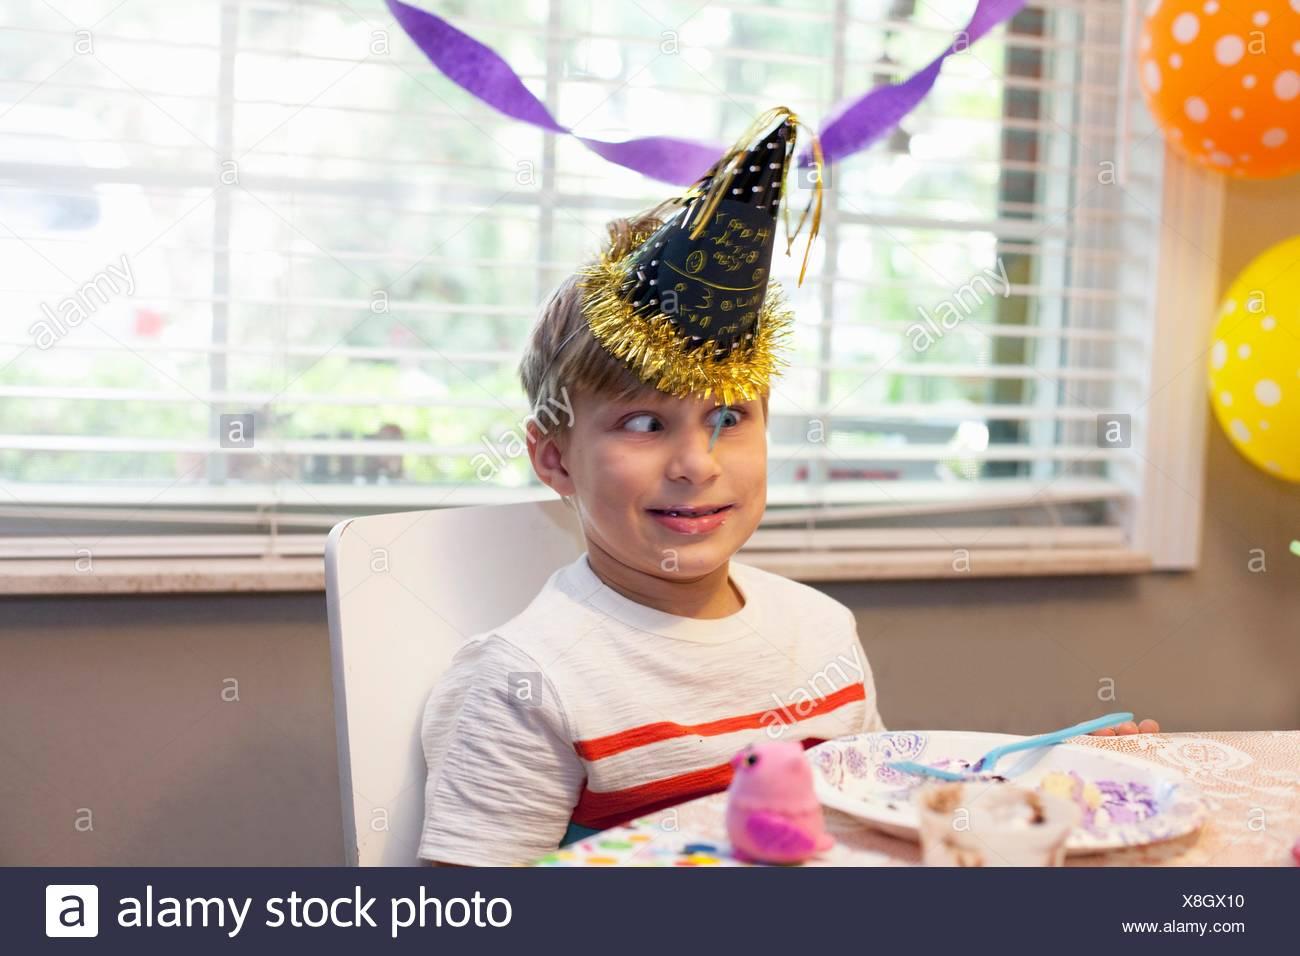 Boy in party hat assis à table en train de manger le gâteau d'anniversaire drôle de visage tirant Banque D'Images